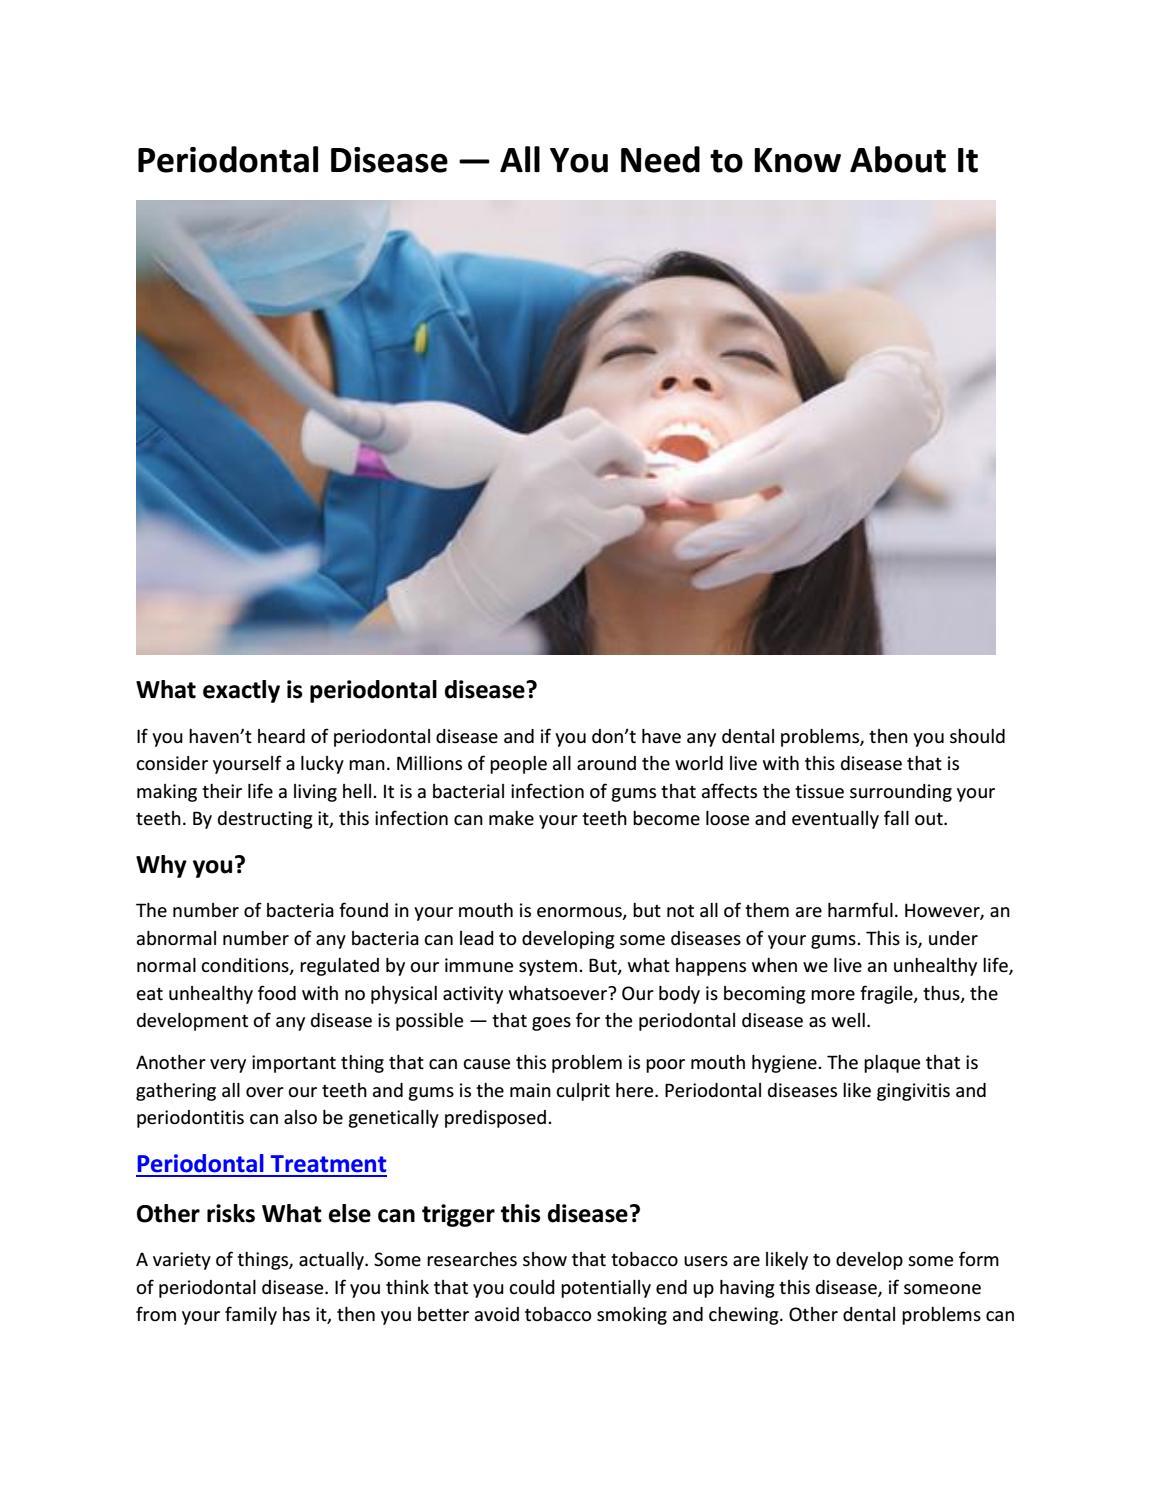 Periodontal Treatment by Saddaf Khan - issuu